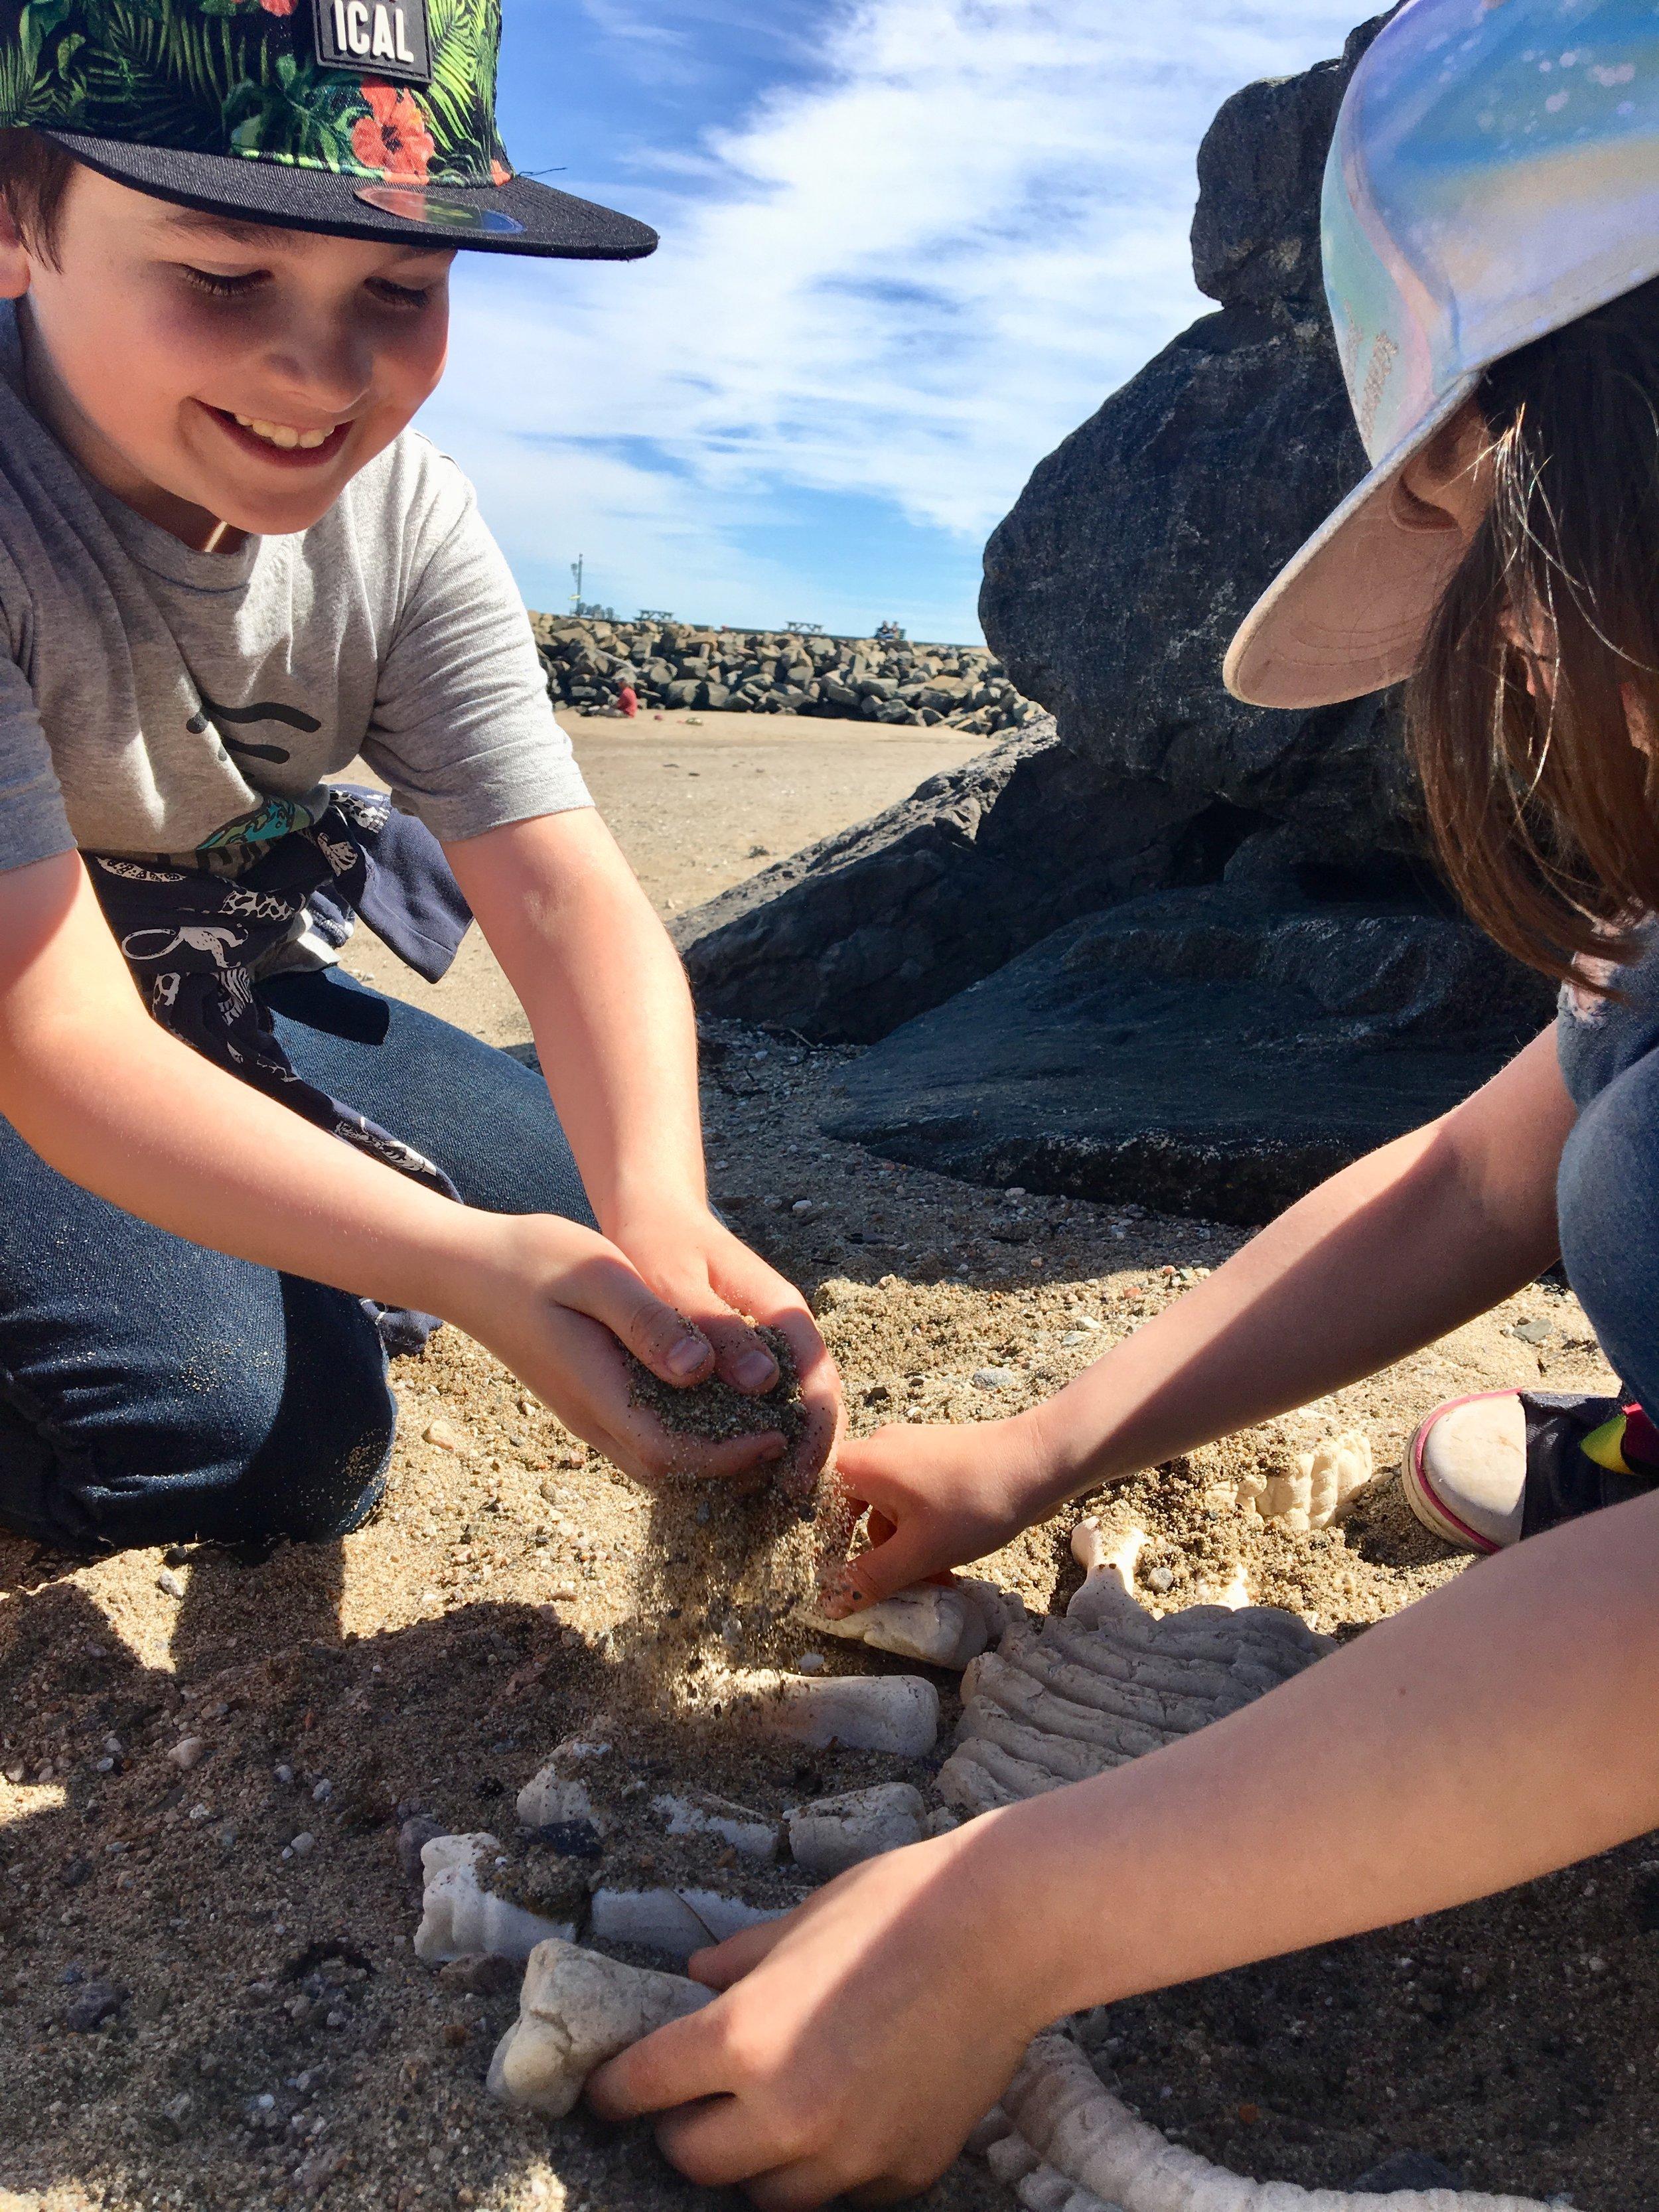 bricolage-paléontologue-paléontogie-os-dinosaures-préhistorique-enfant-sable-pâte-à-sel-activité